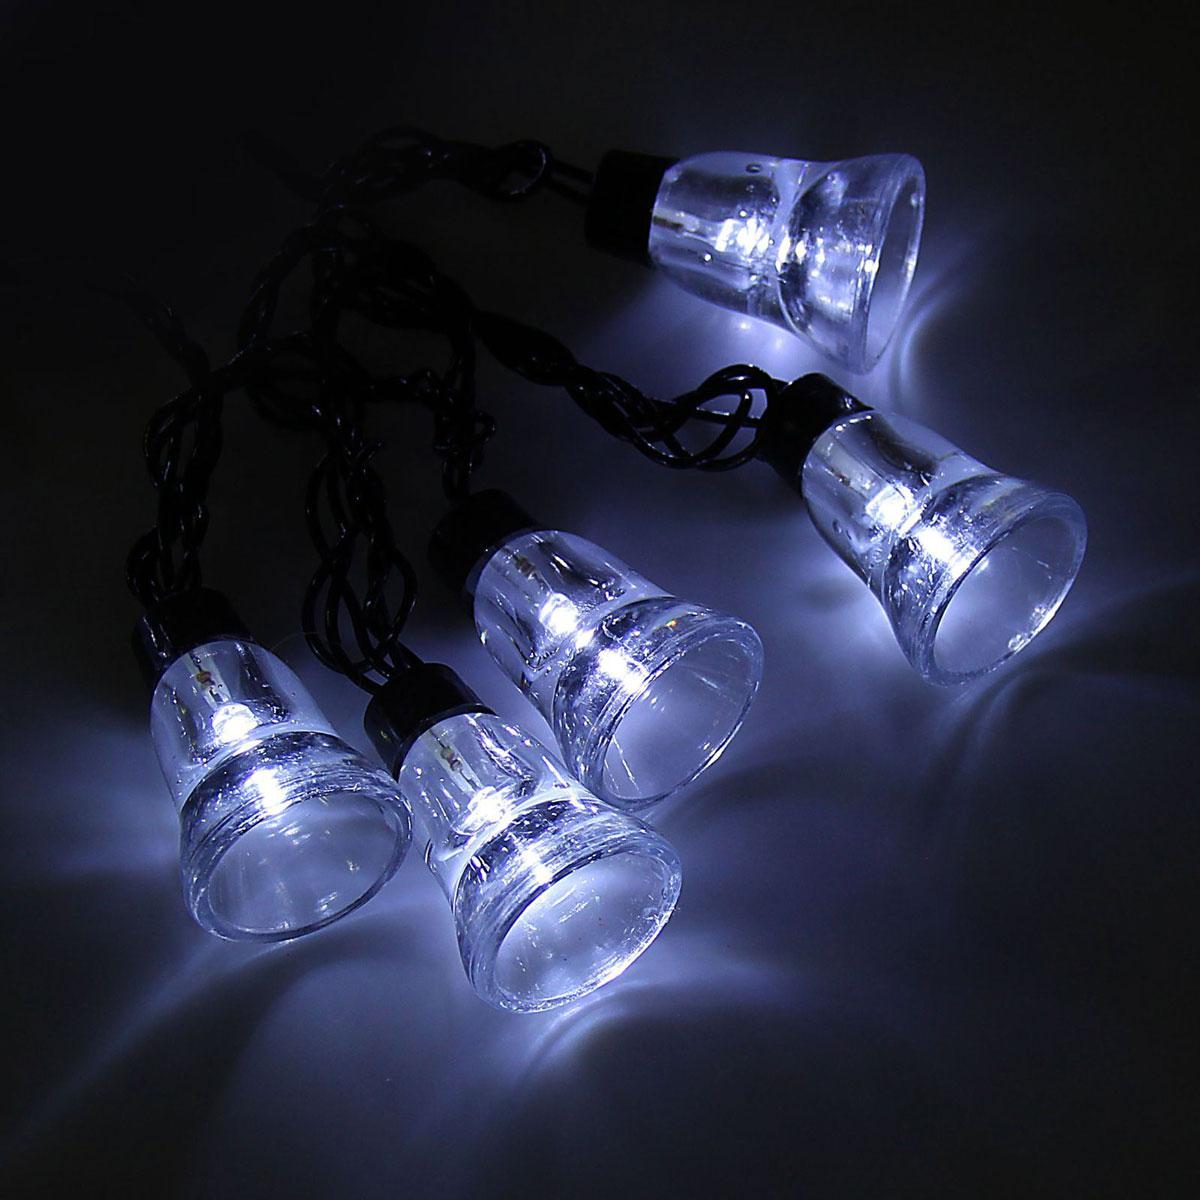 Гирлянда светодиодная Luazon Метраж. Колокол, уличная с насадкой, 8 режимов, 30 ламп, 220 V, 5 м, цвет: белый. 10801171080117Светодиодные гирлянды, ленты и т.д. — это отличный вариант для новогоднего оформления интерьера или фасада. С их помощью помещение любого размера можно превратить в праздничный зал, а внешние элементы зданий, украшенные ими, мгновенно станут напоминать очертания сказочного дворца. Такие украшения создают ауру предвкушения чуда. Деревья, фасады, витрины, окна и арки будто специально созданы, чтобы вы украсили их светящимися нитями.